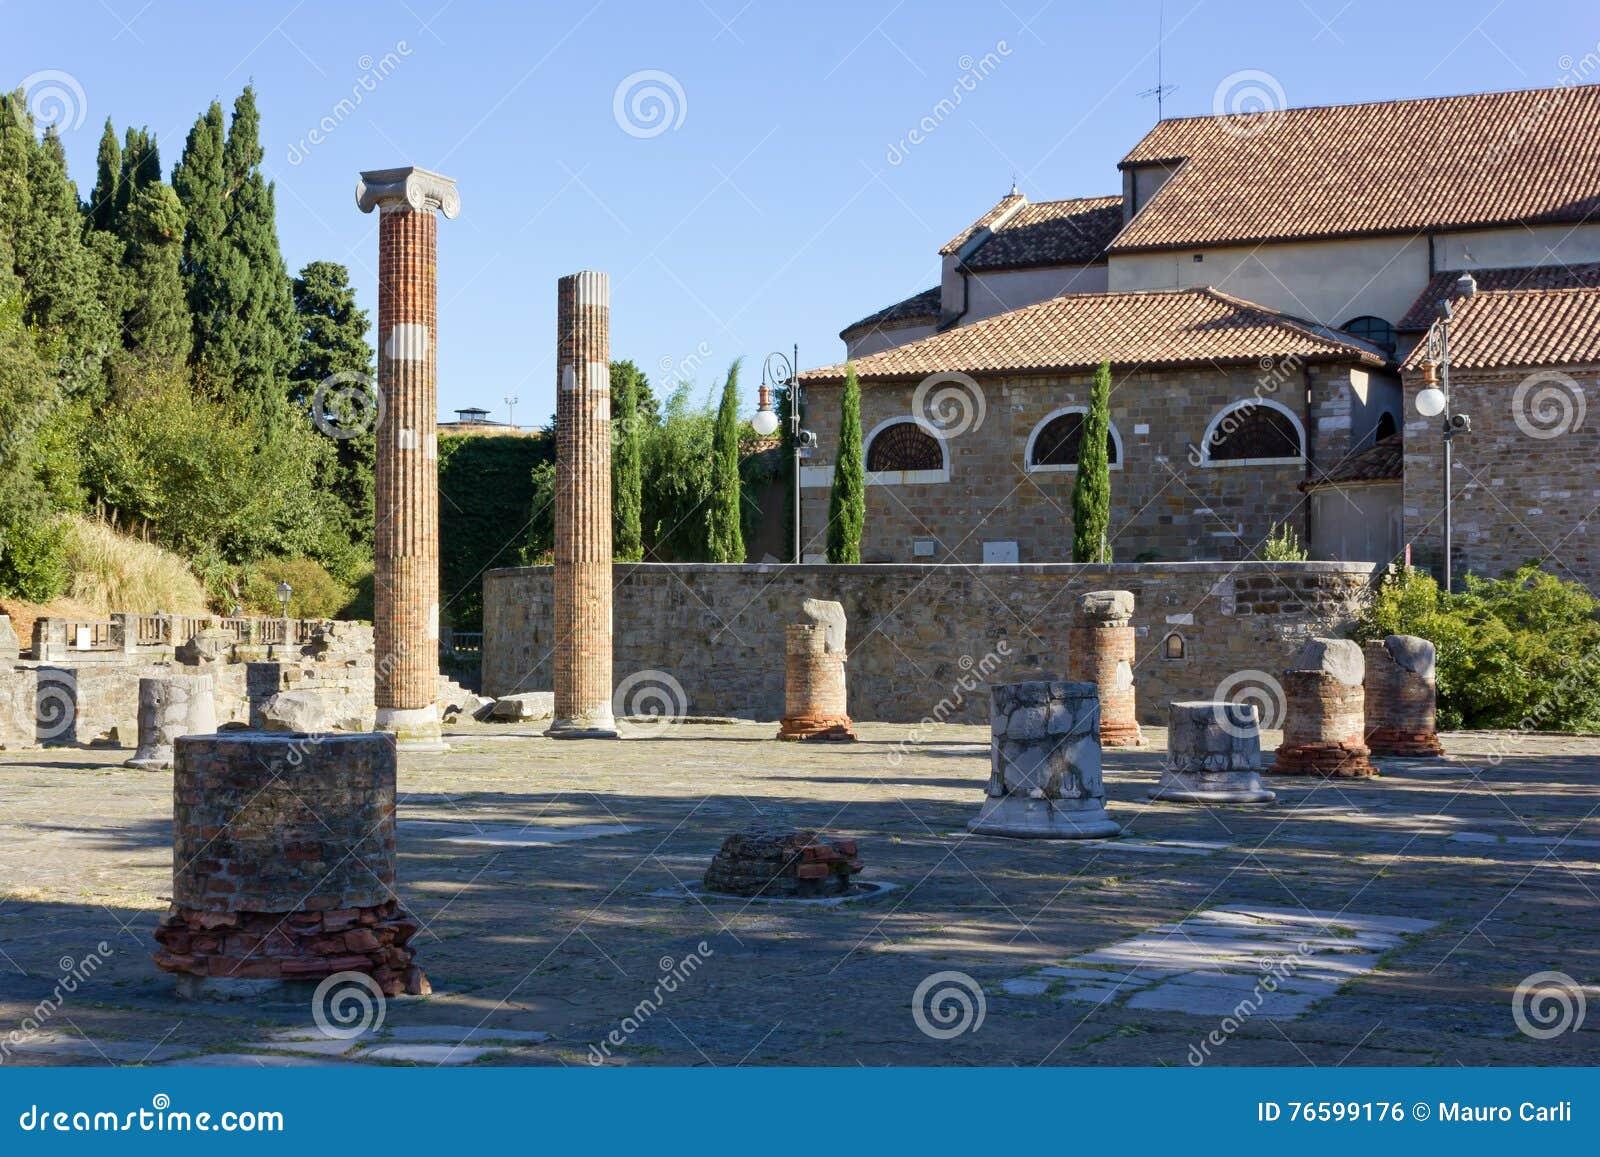 Roman Forum Remains auf Hügel Sans Giusto in Triest